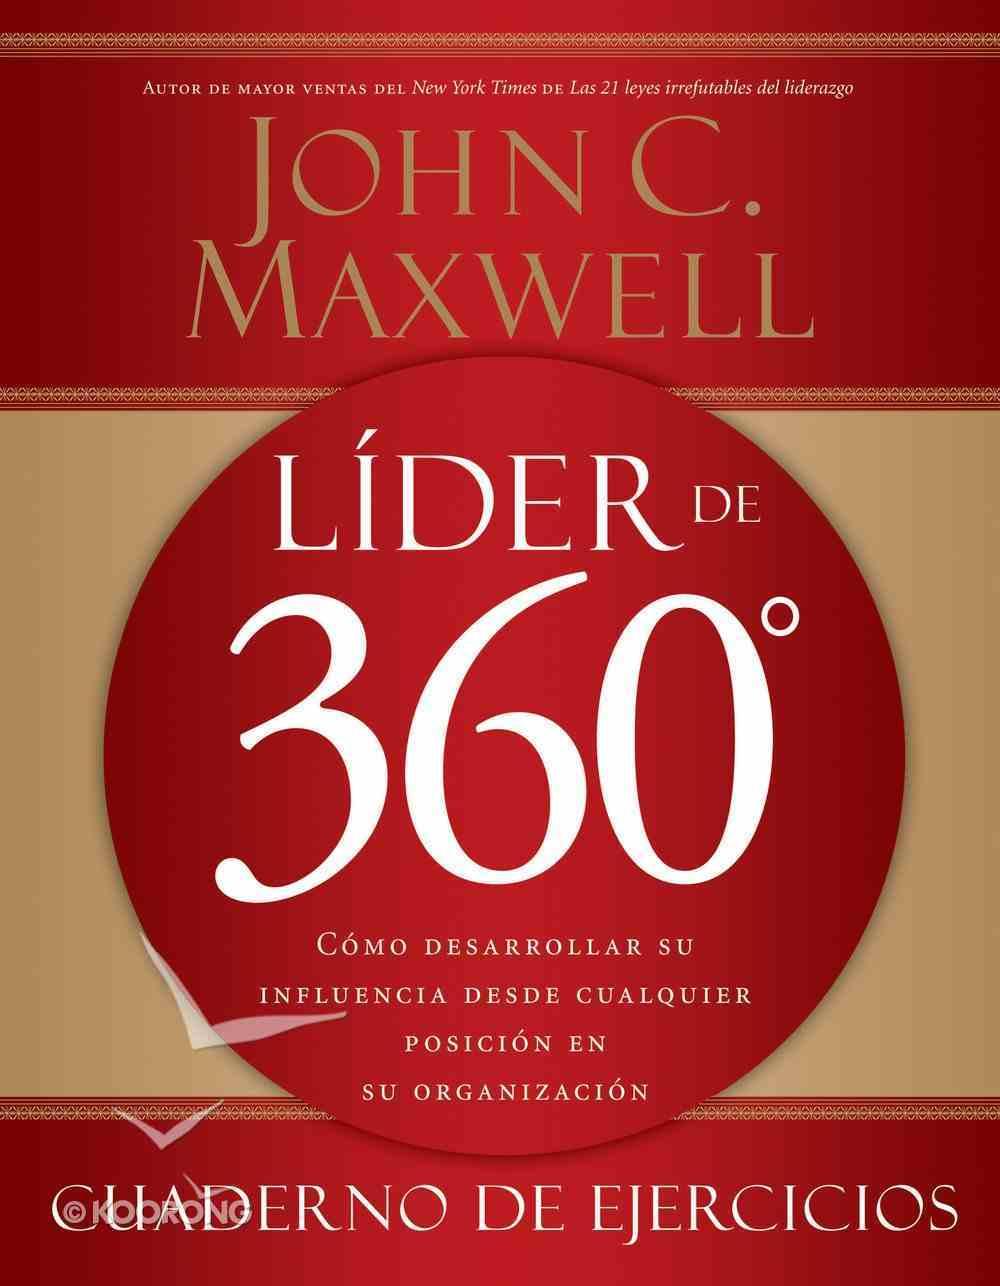 Lider De 360 Cuaderno De Ejercicios (Spa) (The 360 Degree Leader Workbook (Spanish) eBook